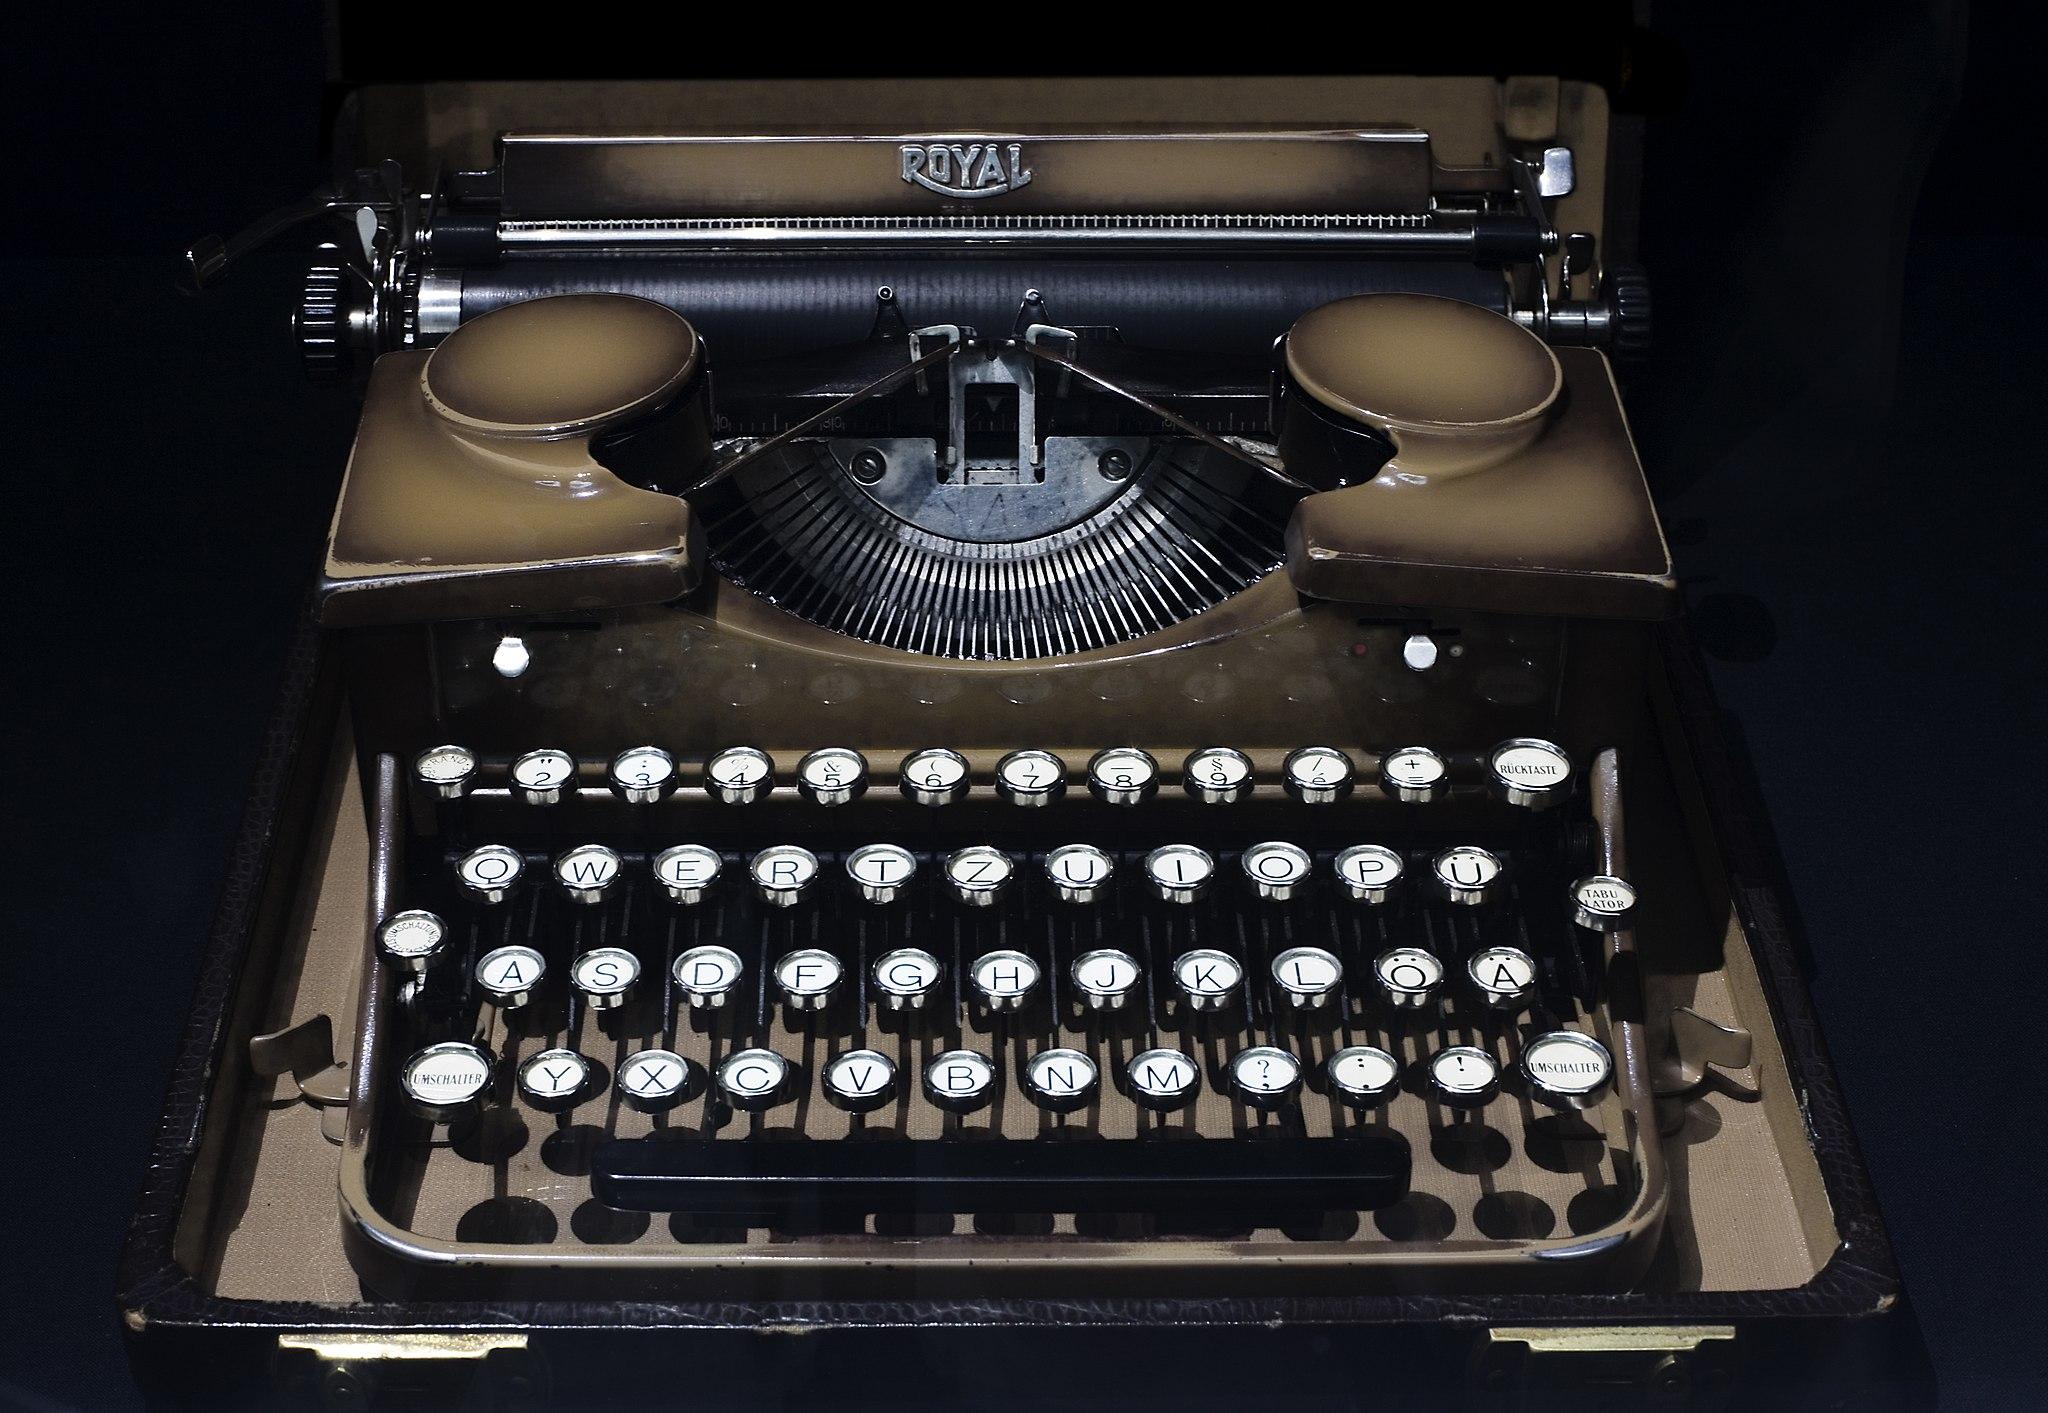 2048px-Berlin-_Royal_mechanic_manual_portable_typewriter_-_3128.jpg